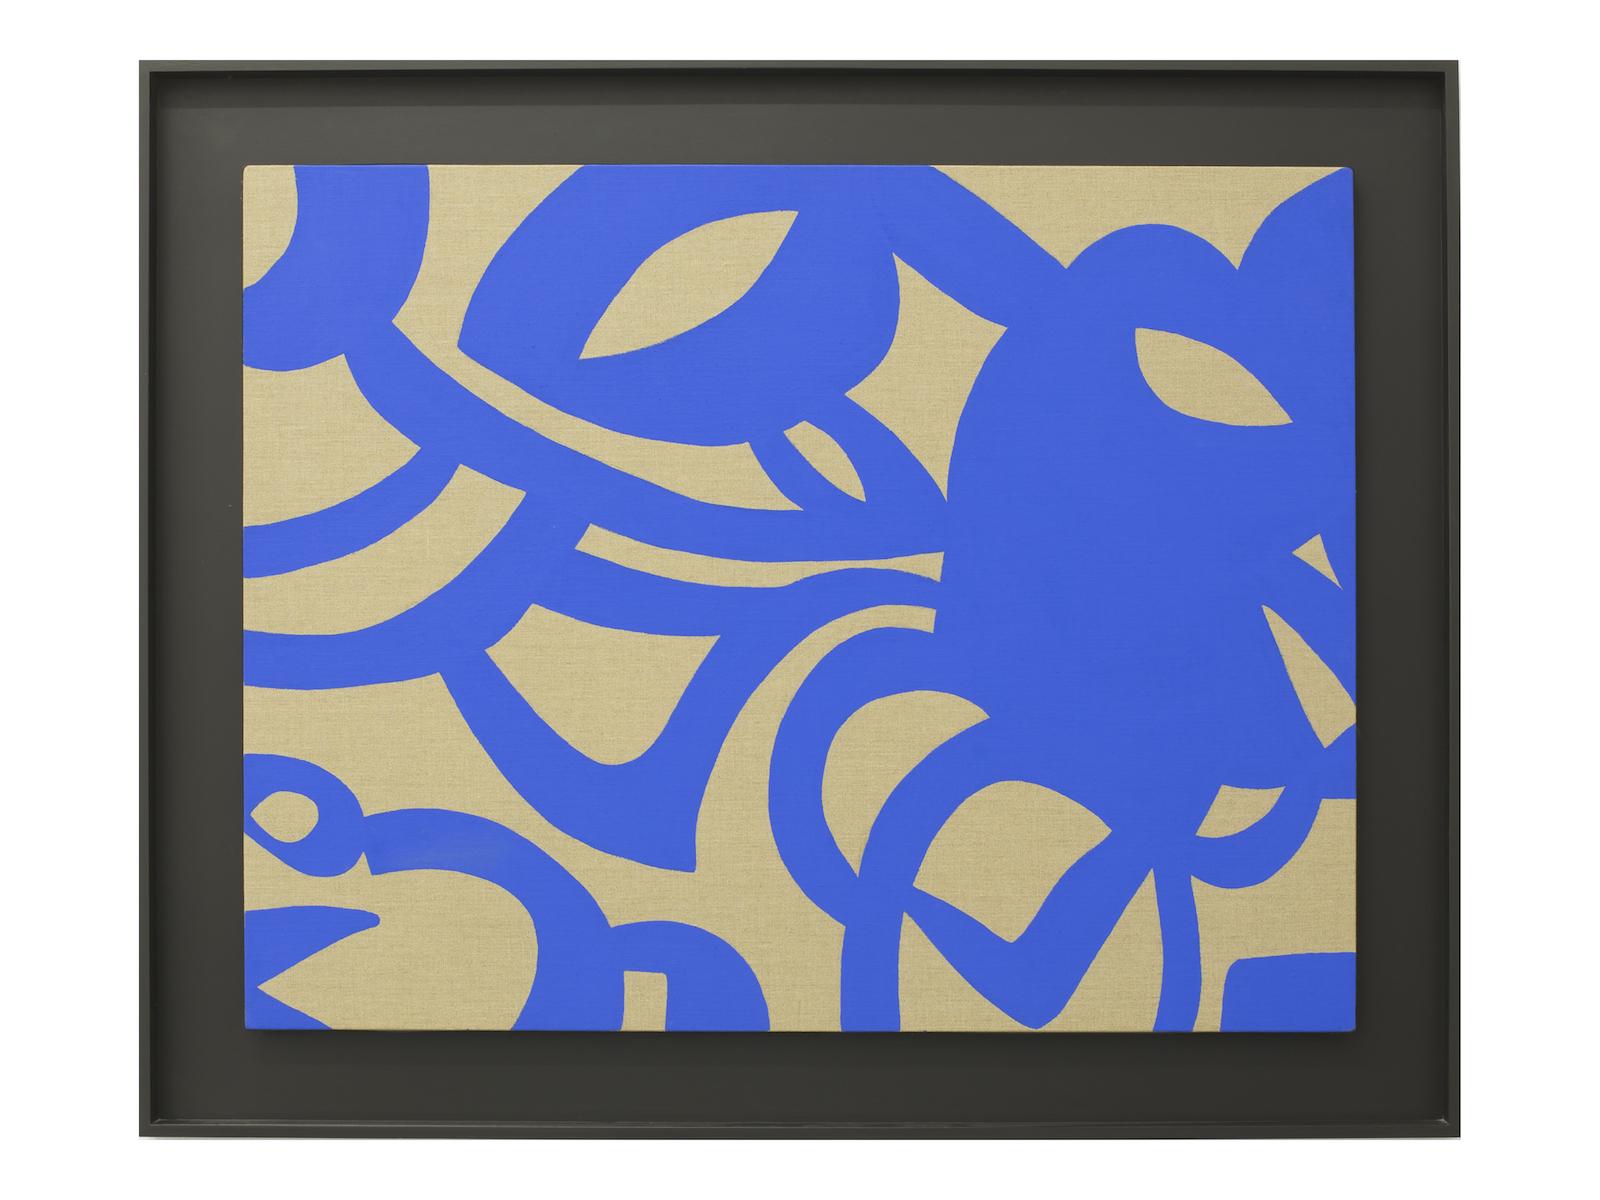 Carla Accardi, Blu cobalto, 2008, acrilico su tela, cm 70x90